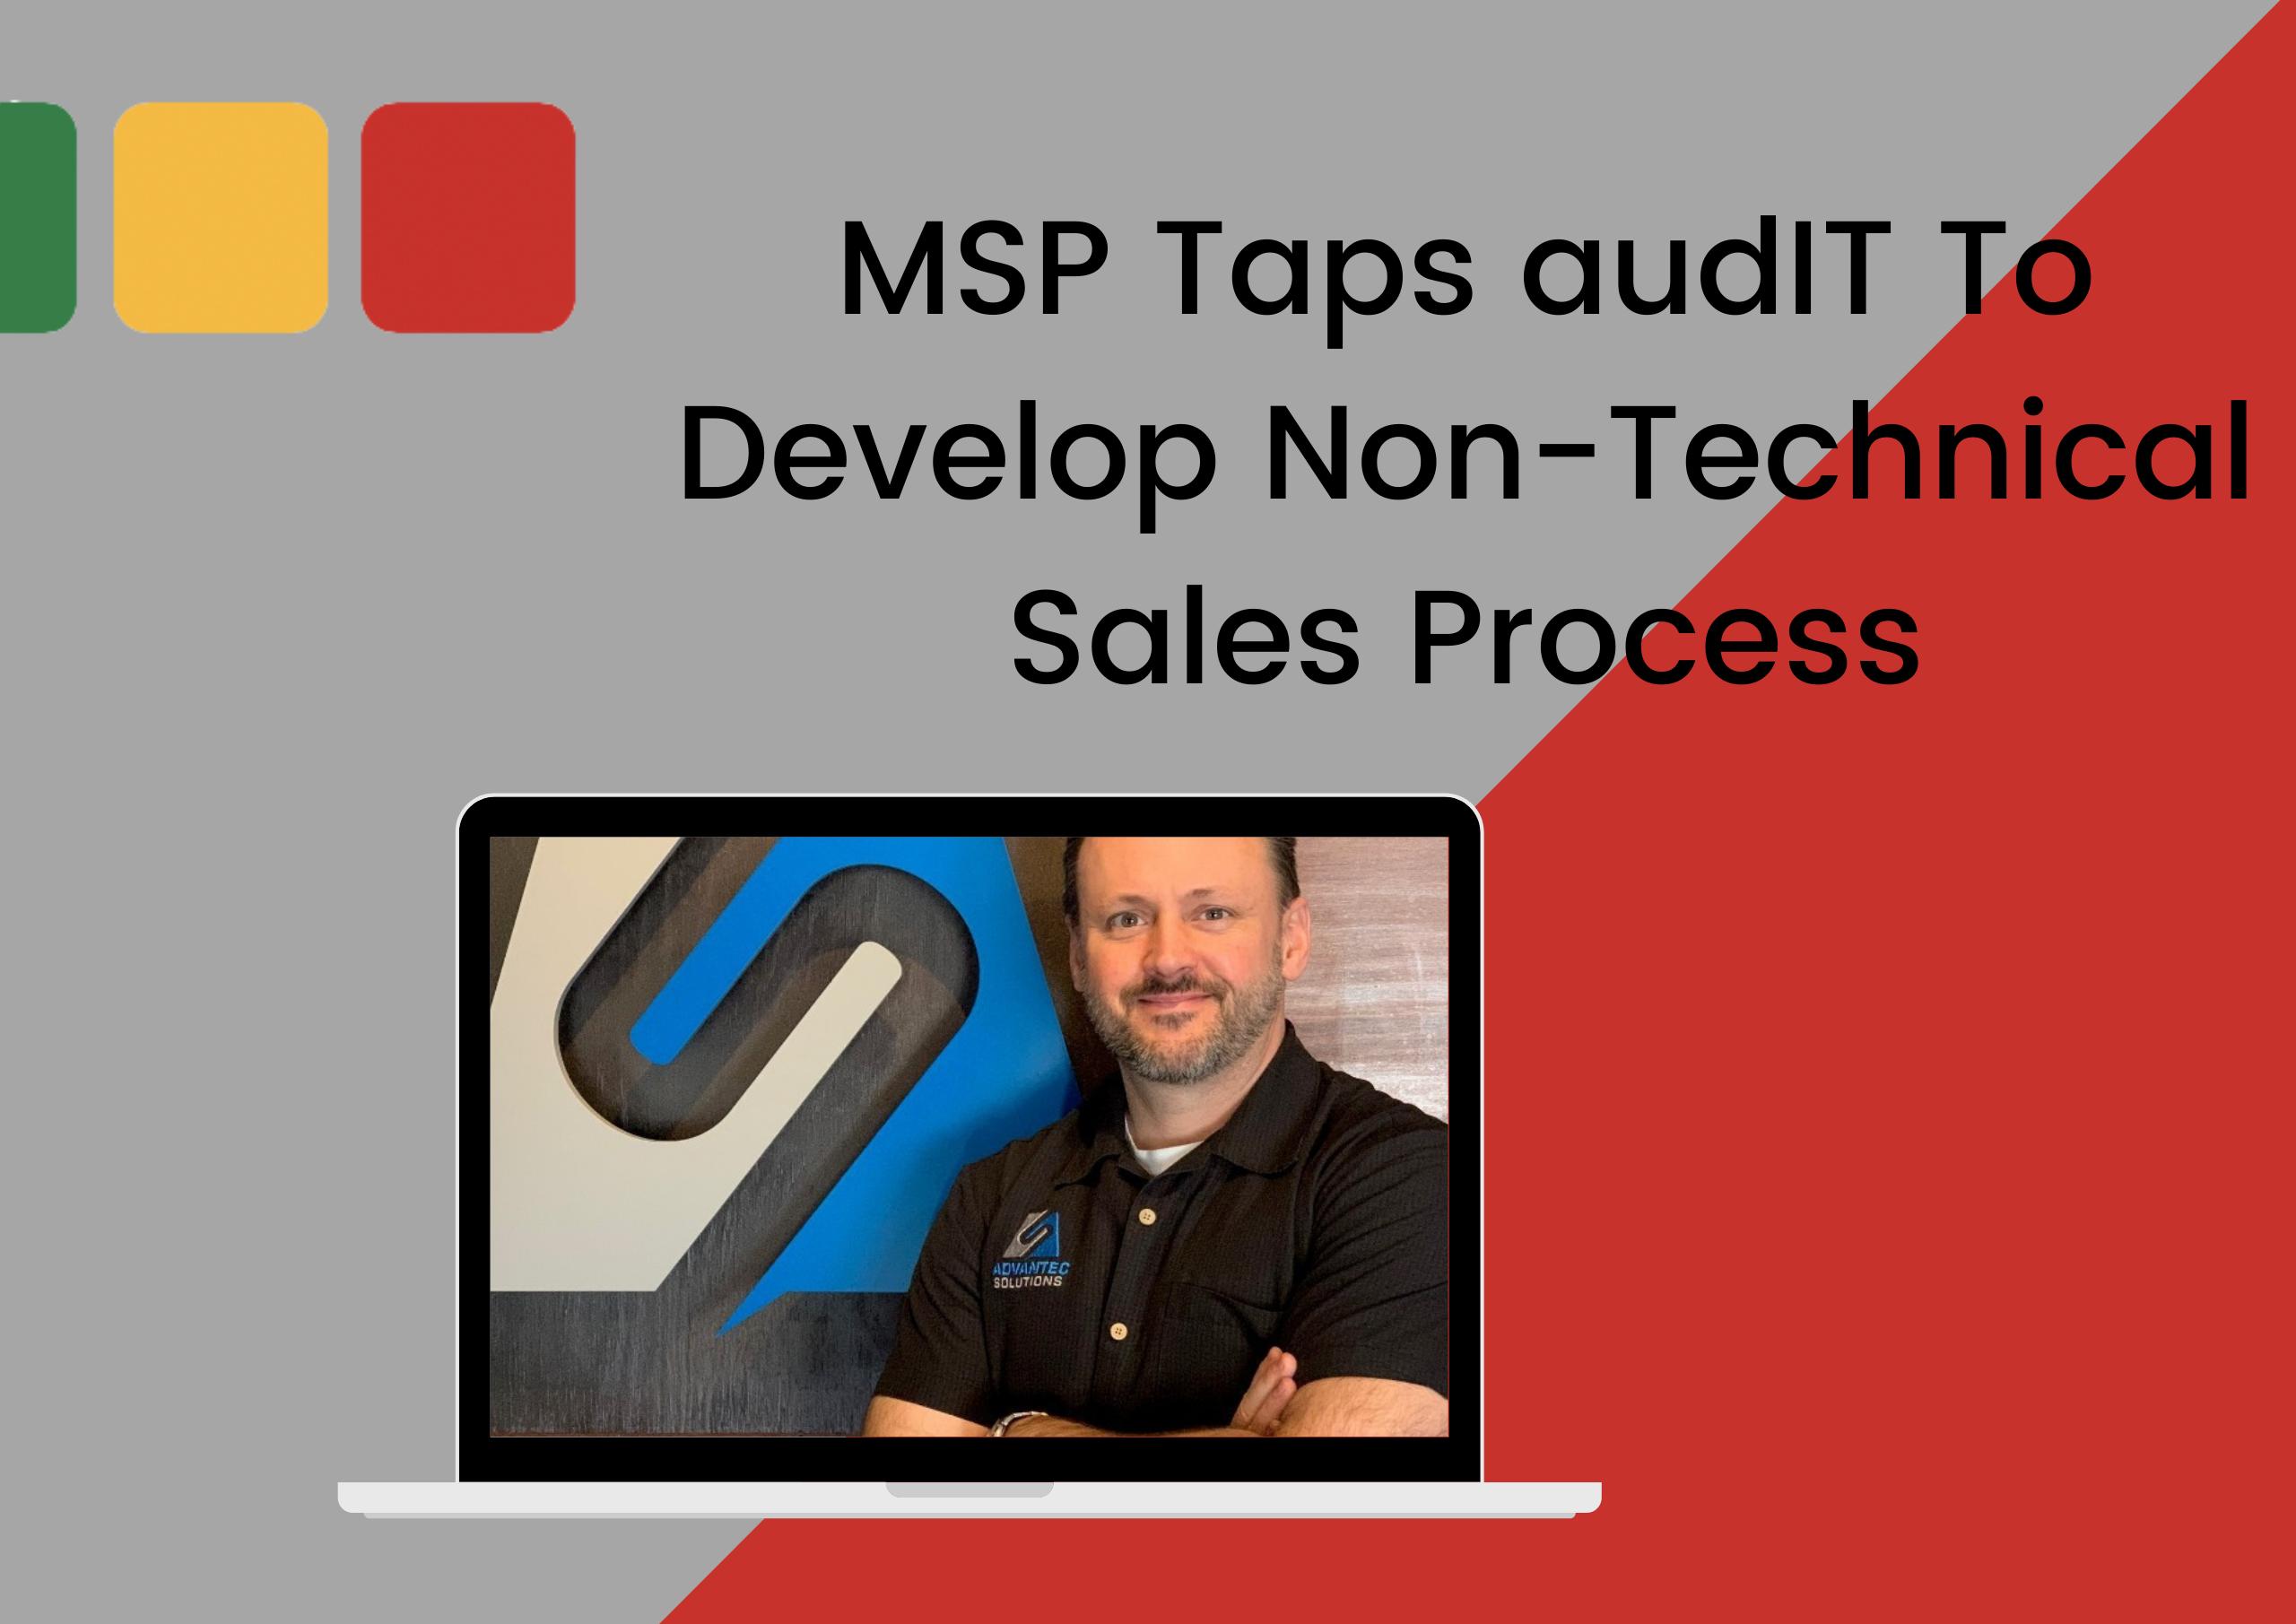 MSP-Taps-audIT-To-Develop-Non-Technical-Sales-Process-2560x1811-1